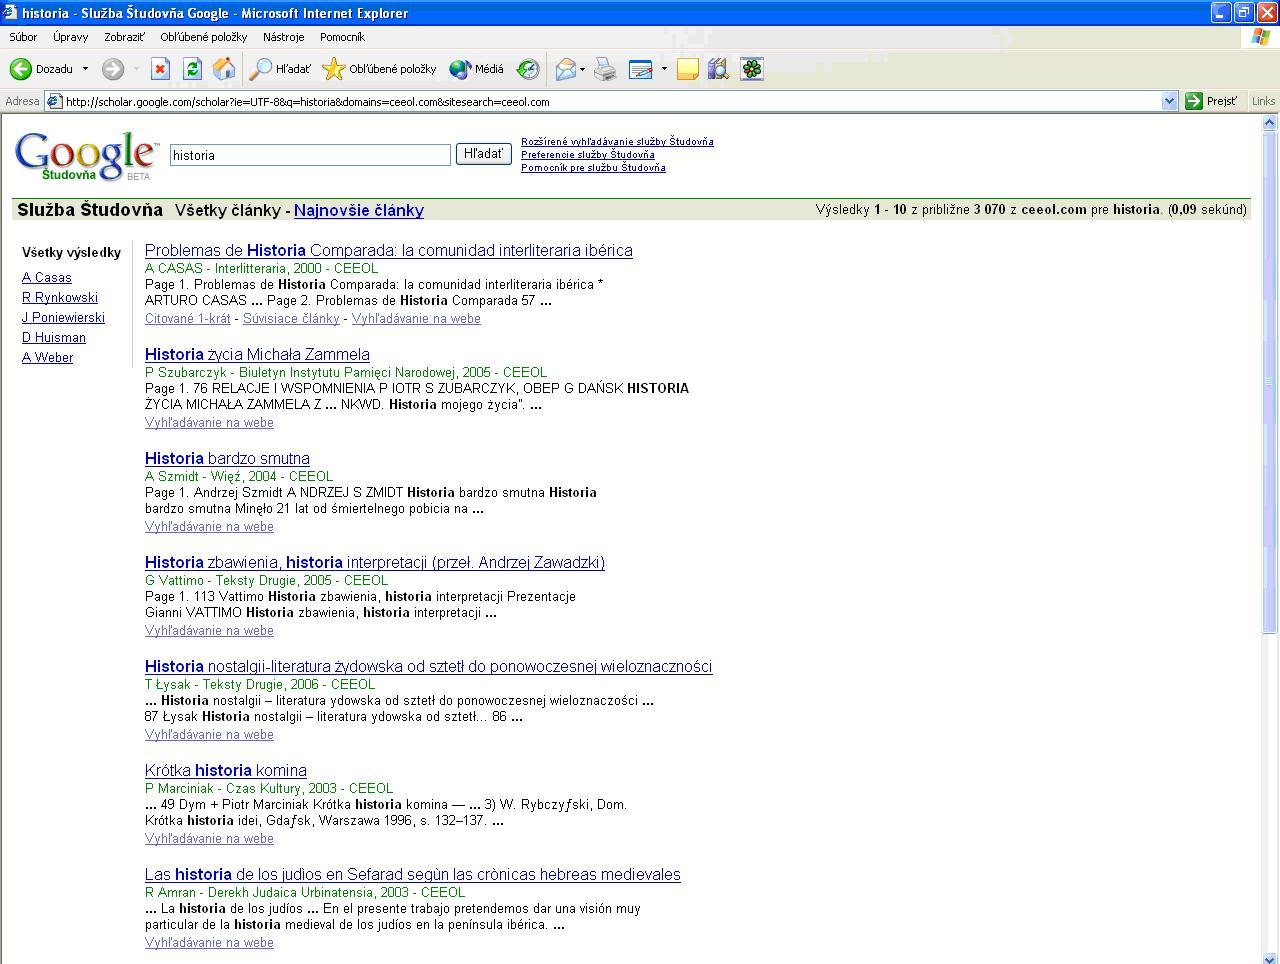 Obr. 11: Výsledky vyhľadávania zobrazené v prostredí Google Scholar